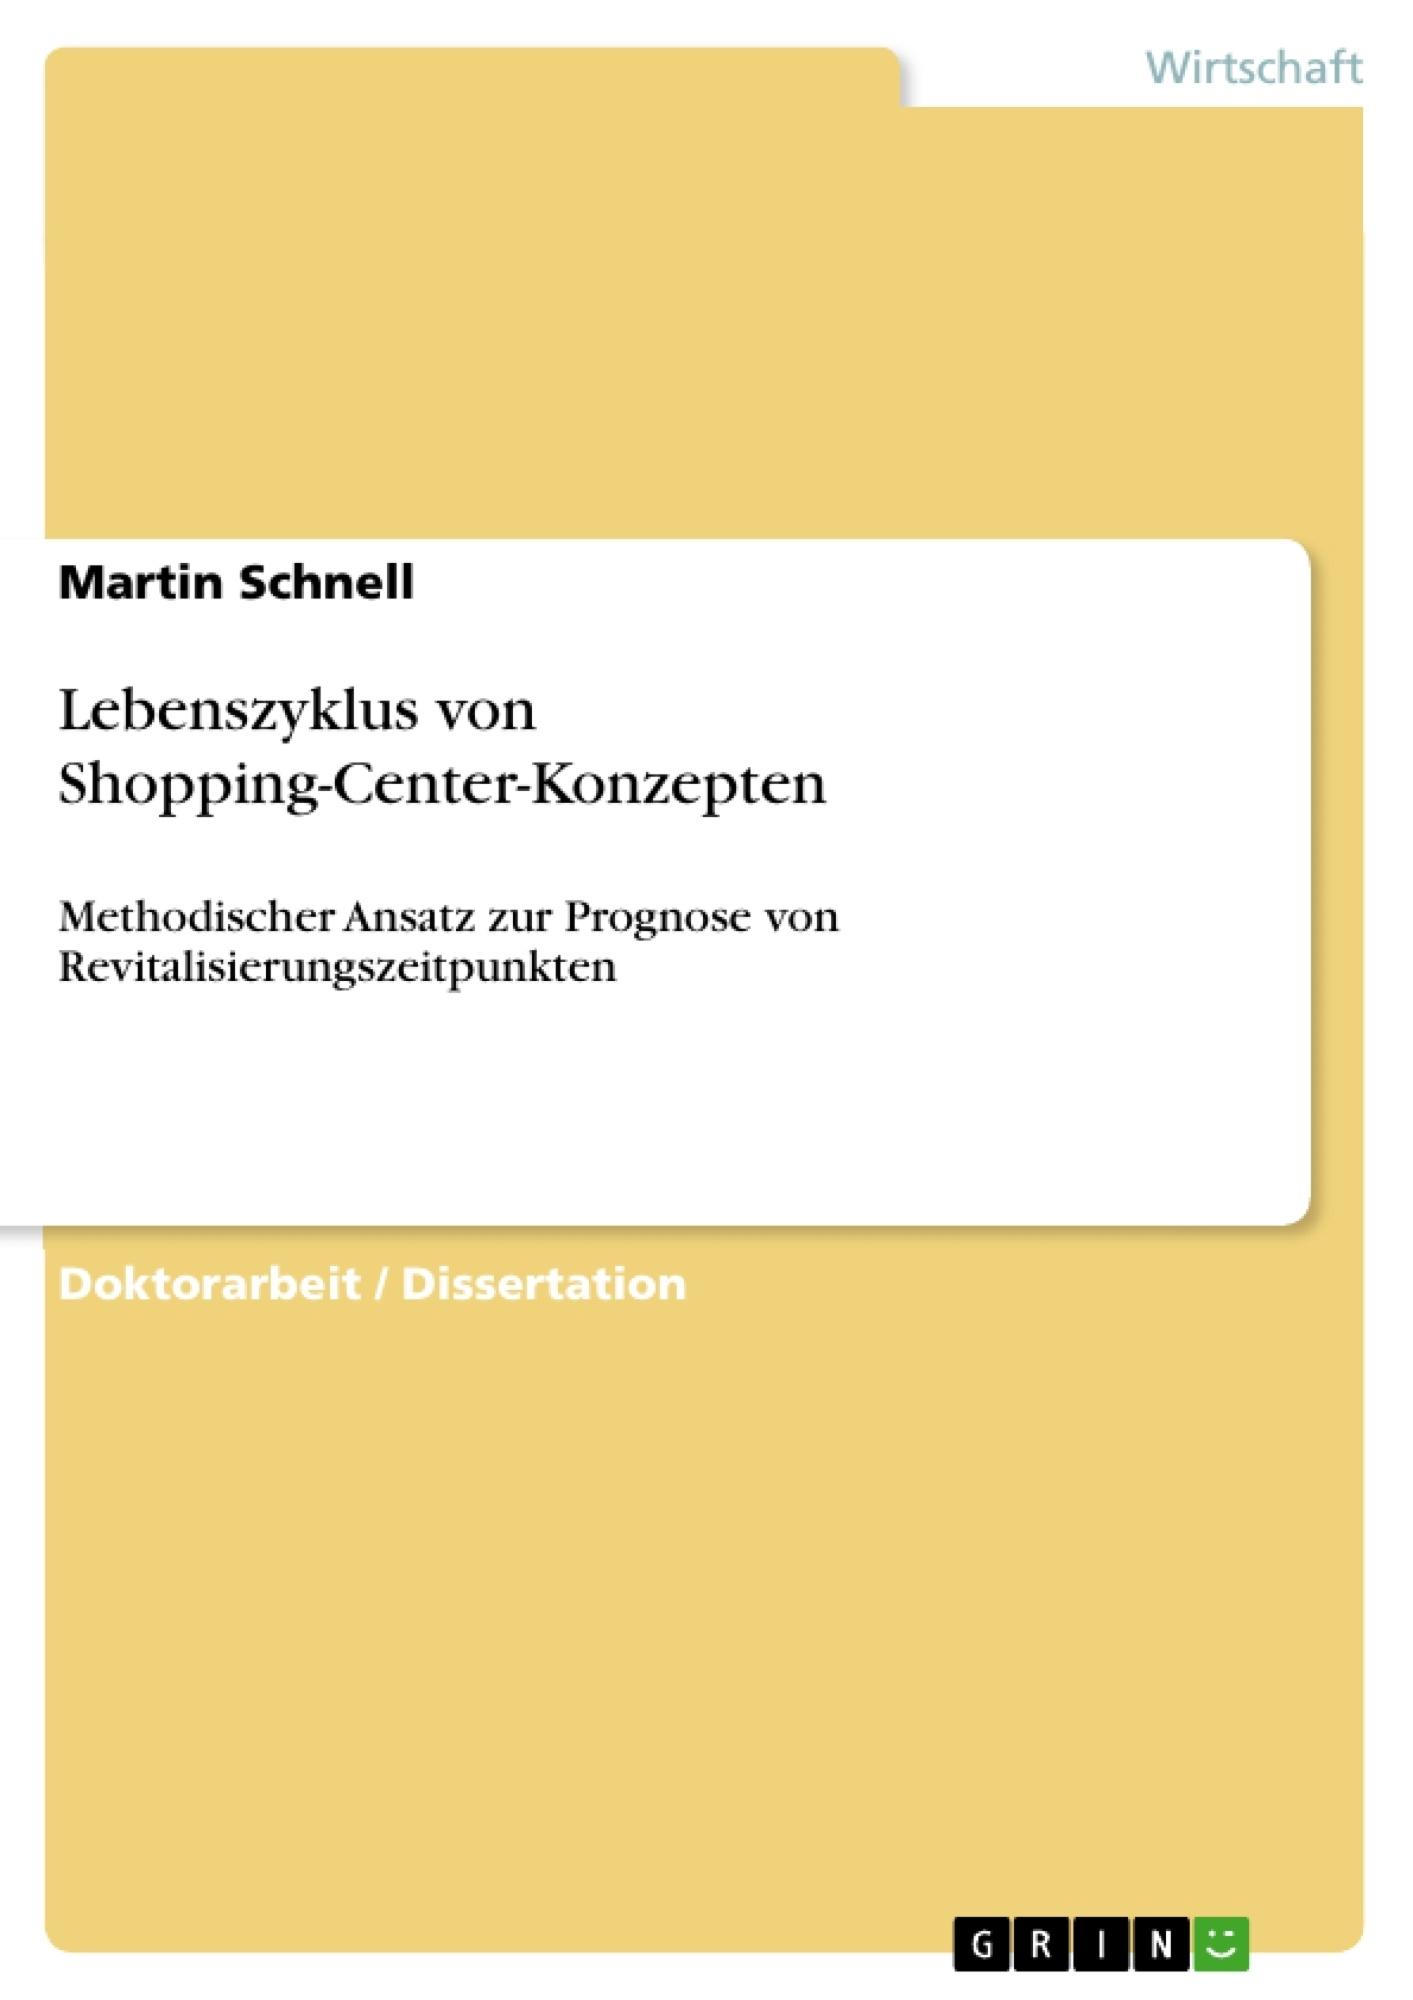 Titel: Lebenszyklus von Shopping-Center-Konzepten